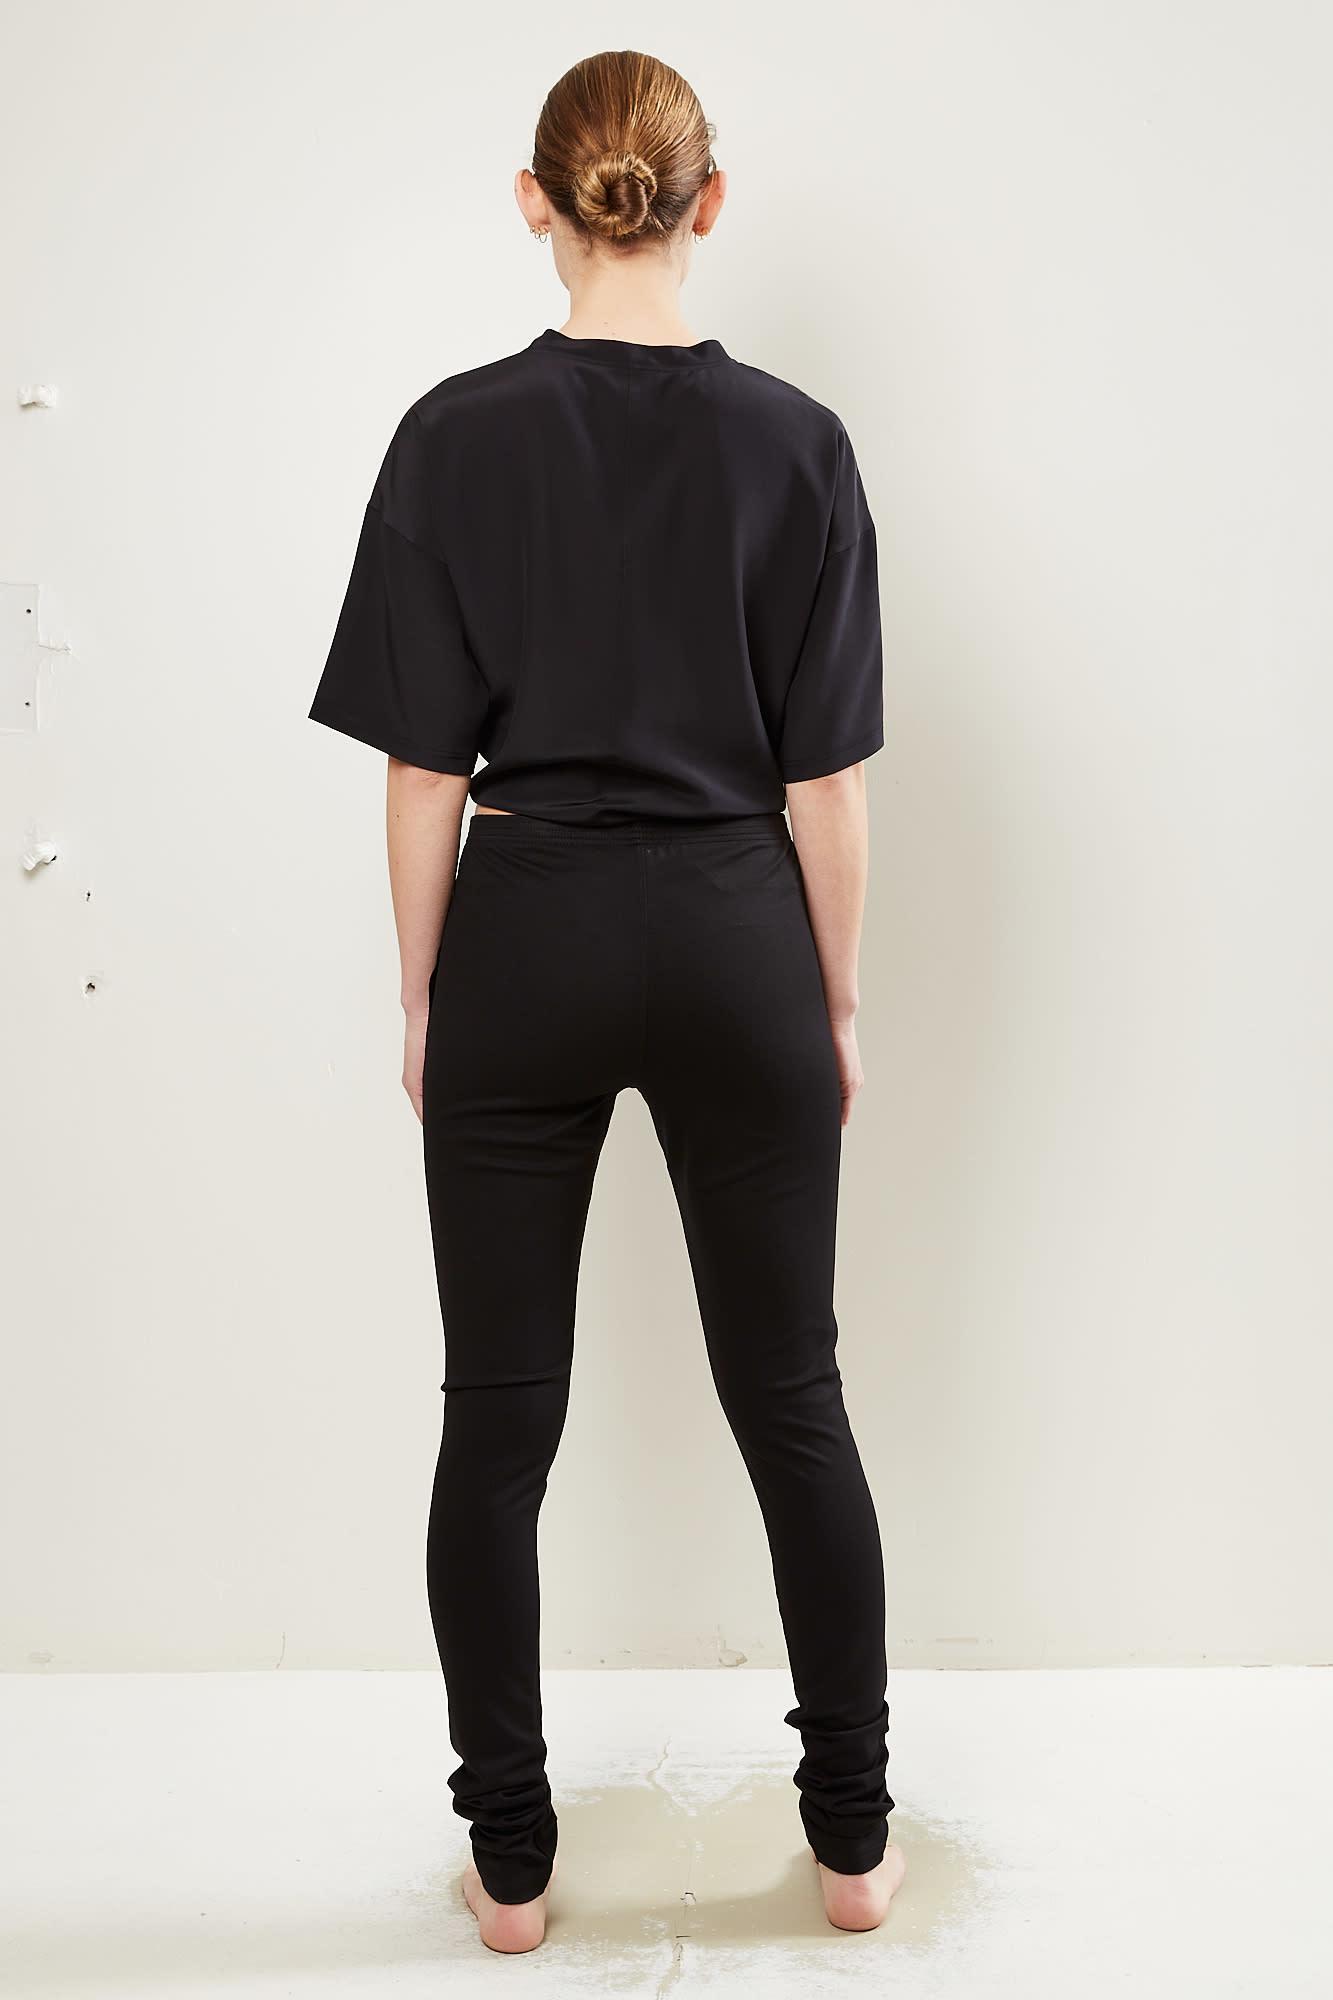 Monique van Heist - Legging matte lycra black